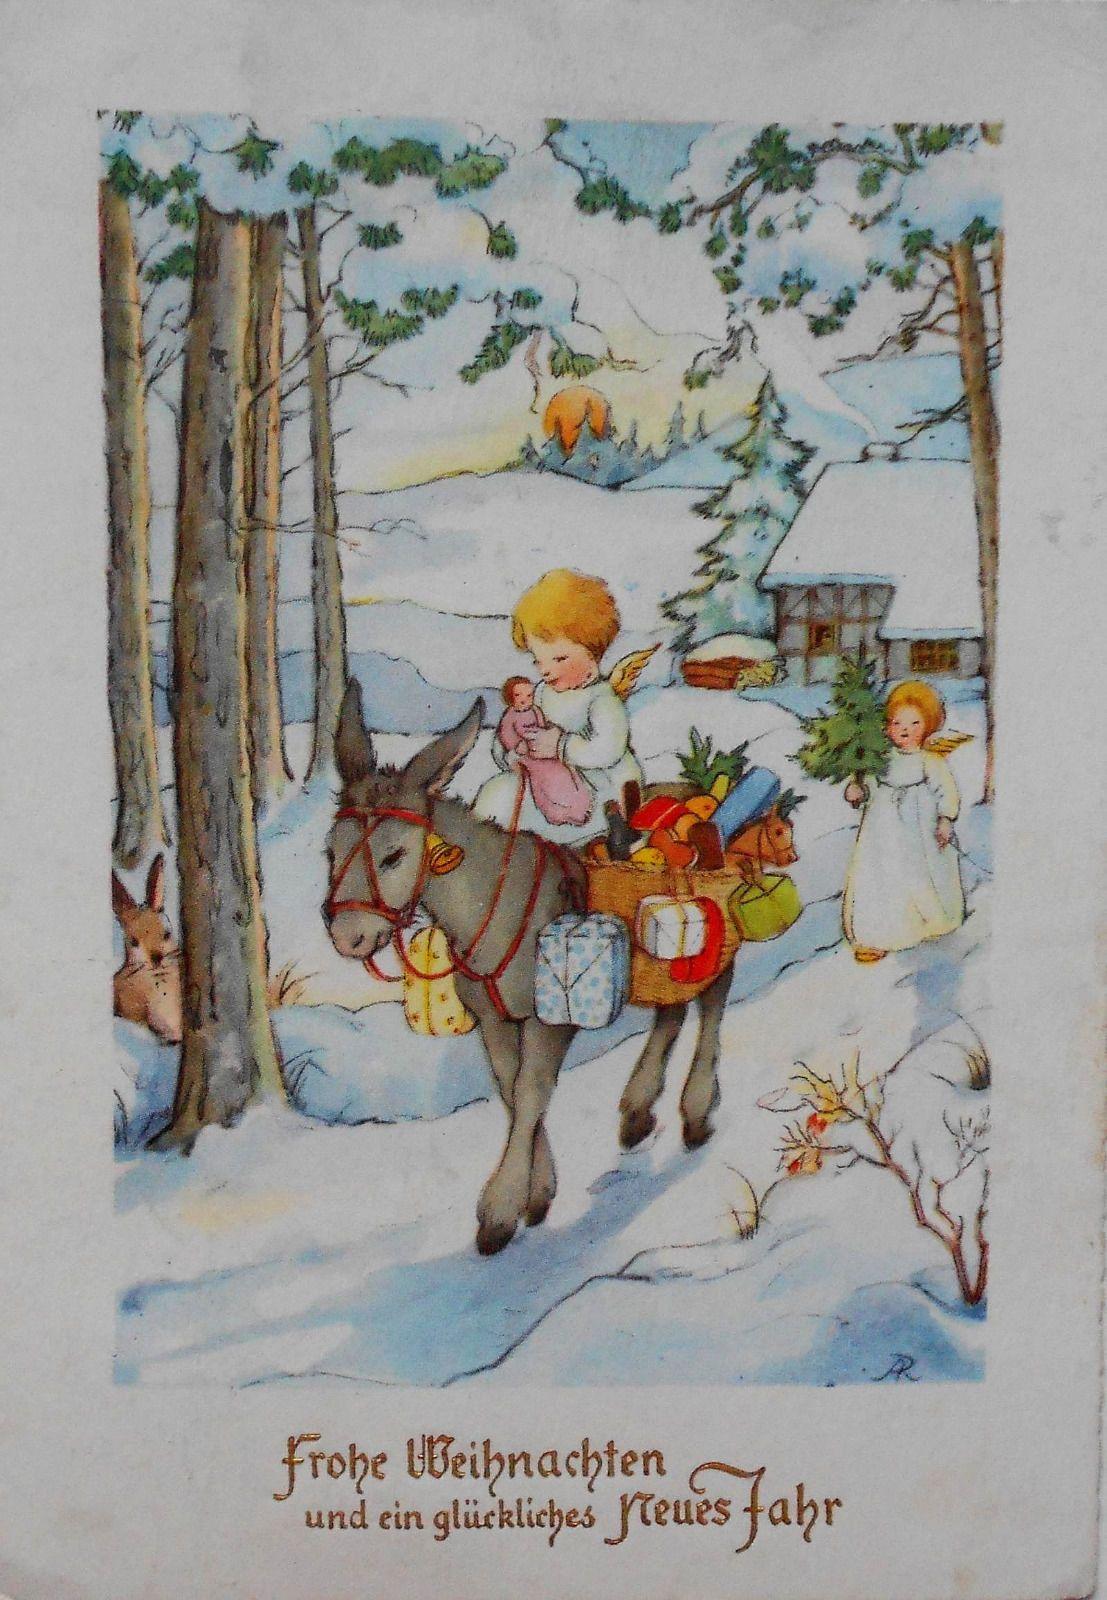 ANITA RAHLWES - 2 ENGEL auf Eselchen bepackt mit Geschenken, Hase schaut - 1954 | eBay